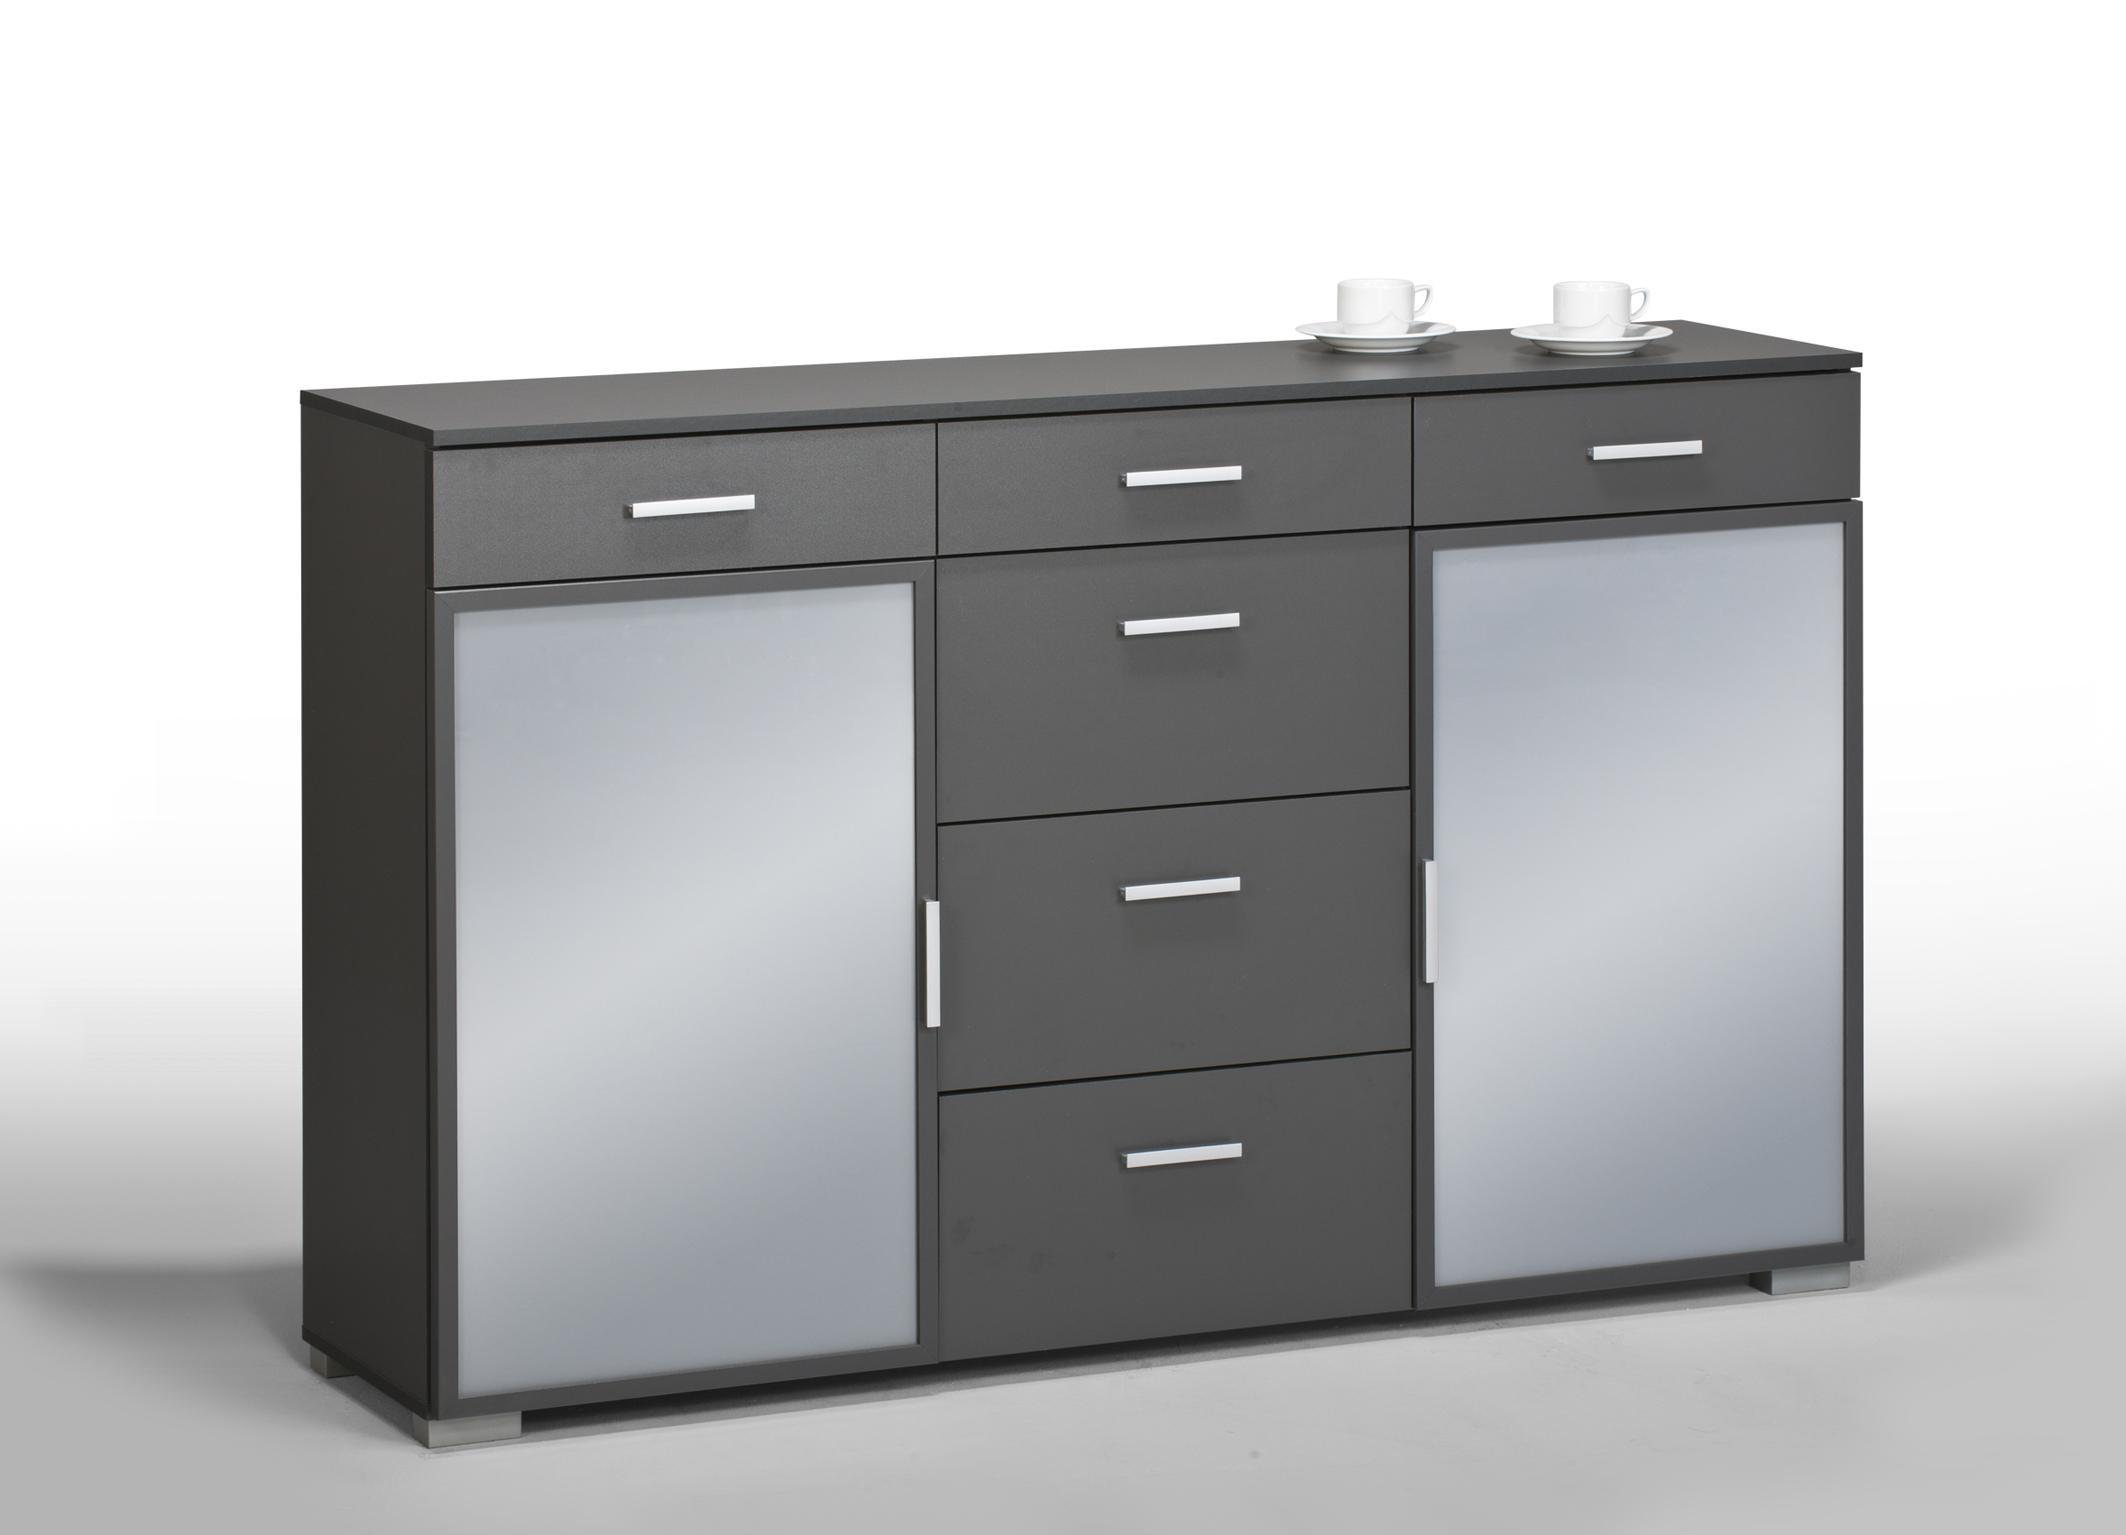 Meuble de rangement contemporain 2 portes 6 tiroirs coloris gris fonc elwina - Meuble de rangement 2 portes coulissantes ...